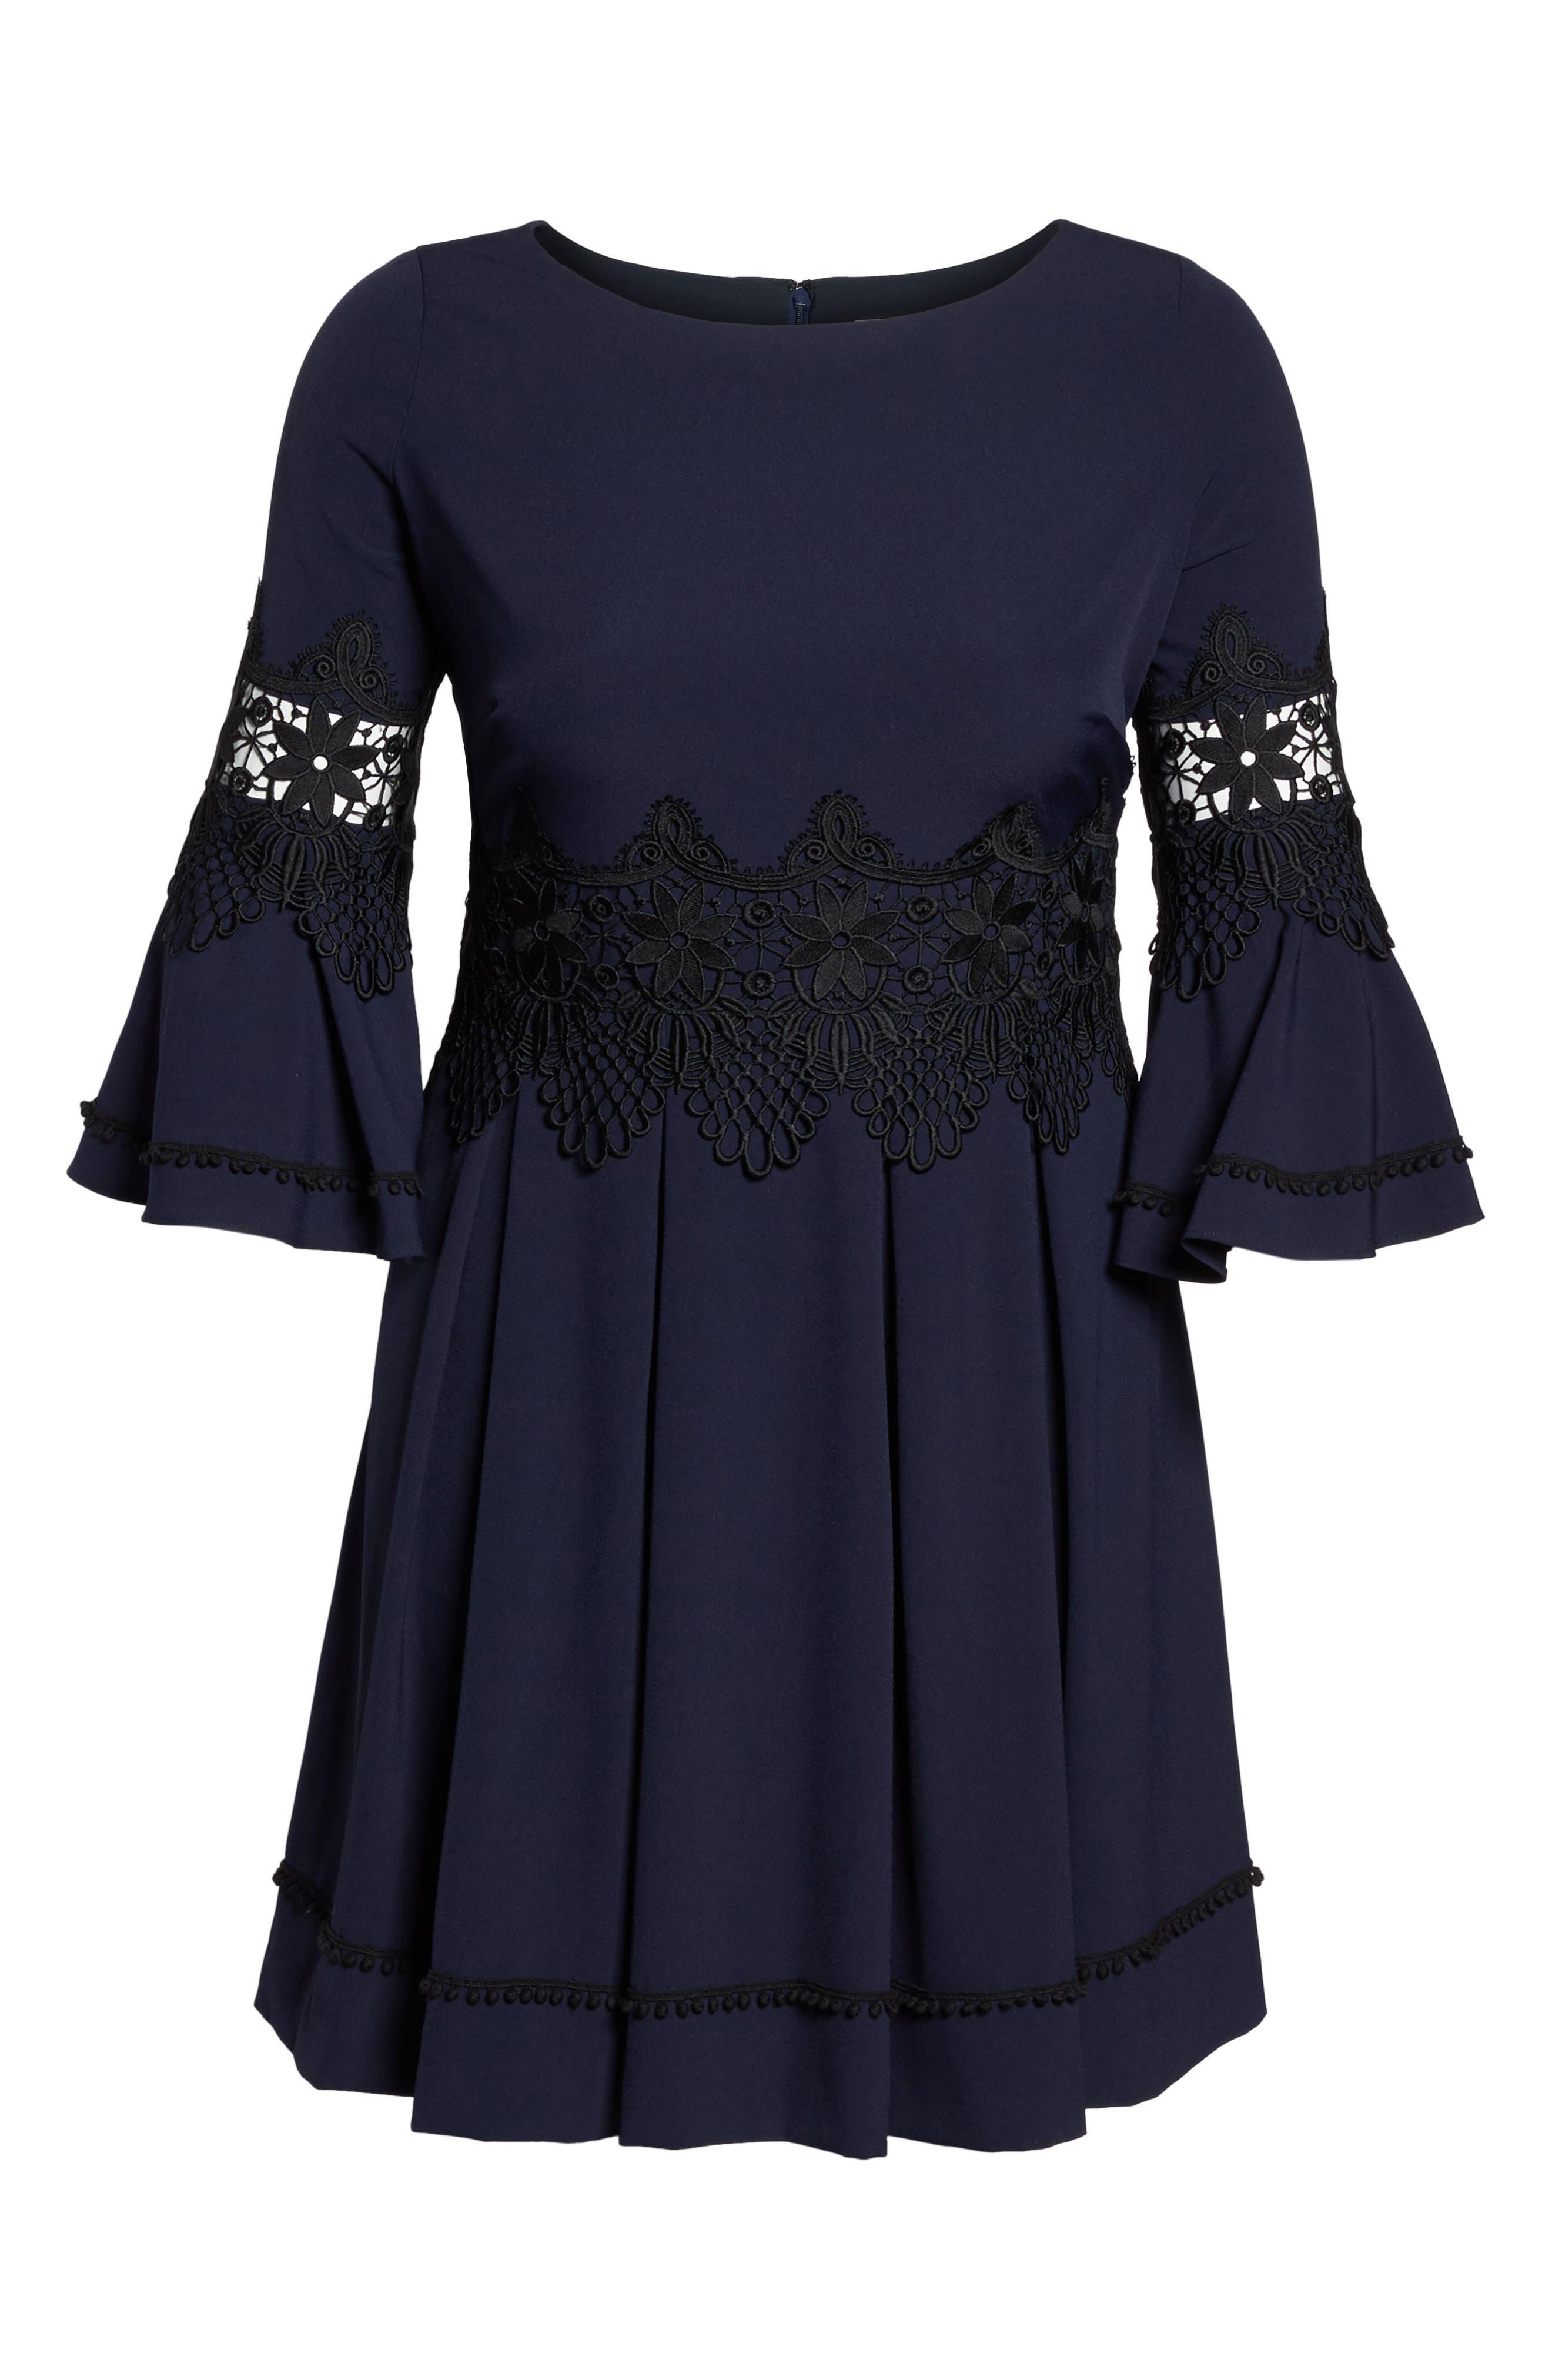 Lace Appliqué A-Line Dress,                             Alternate thumbnail 6, color,                             488